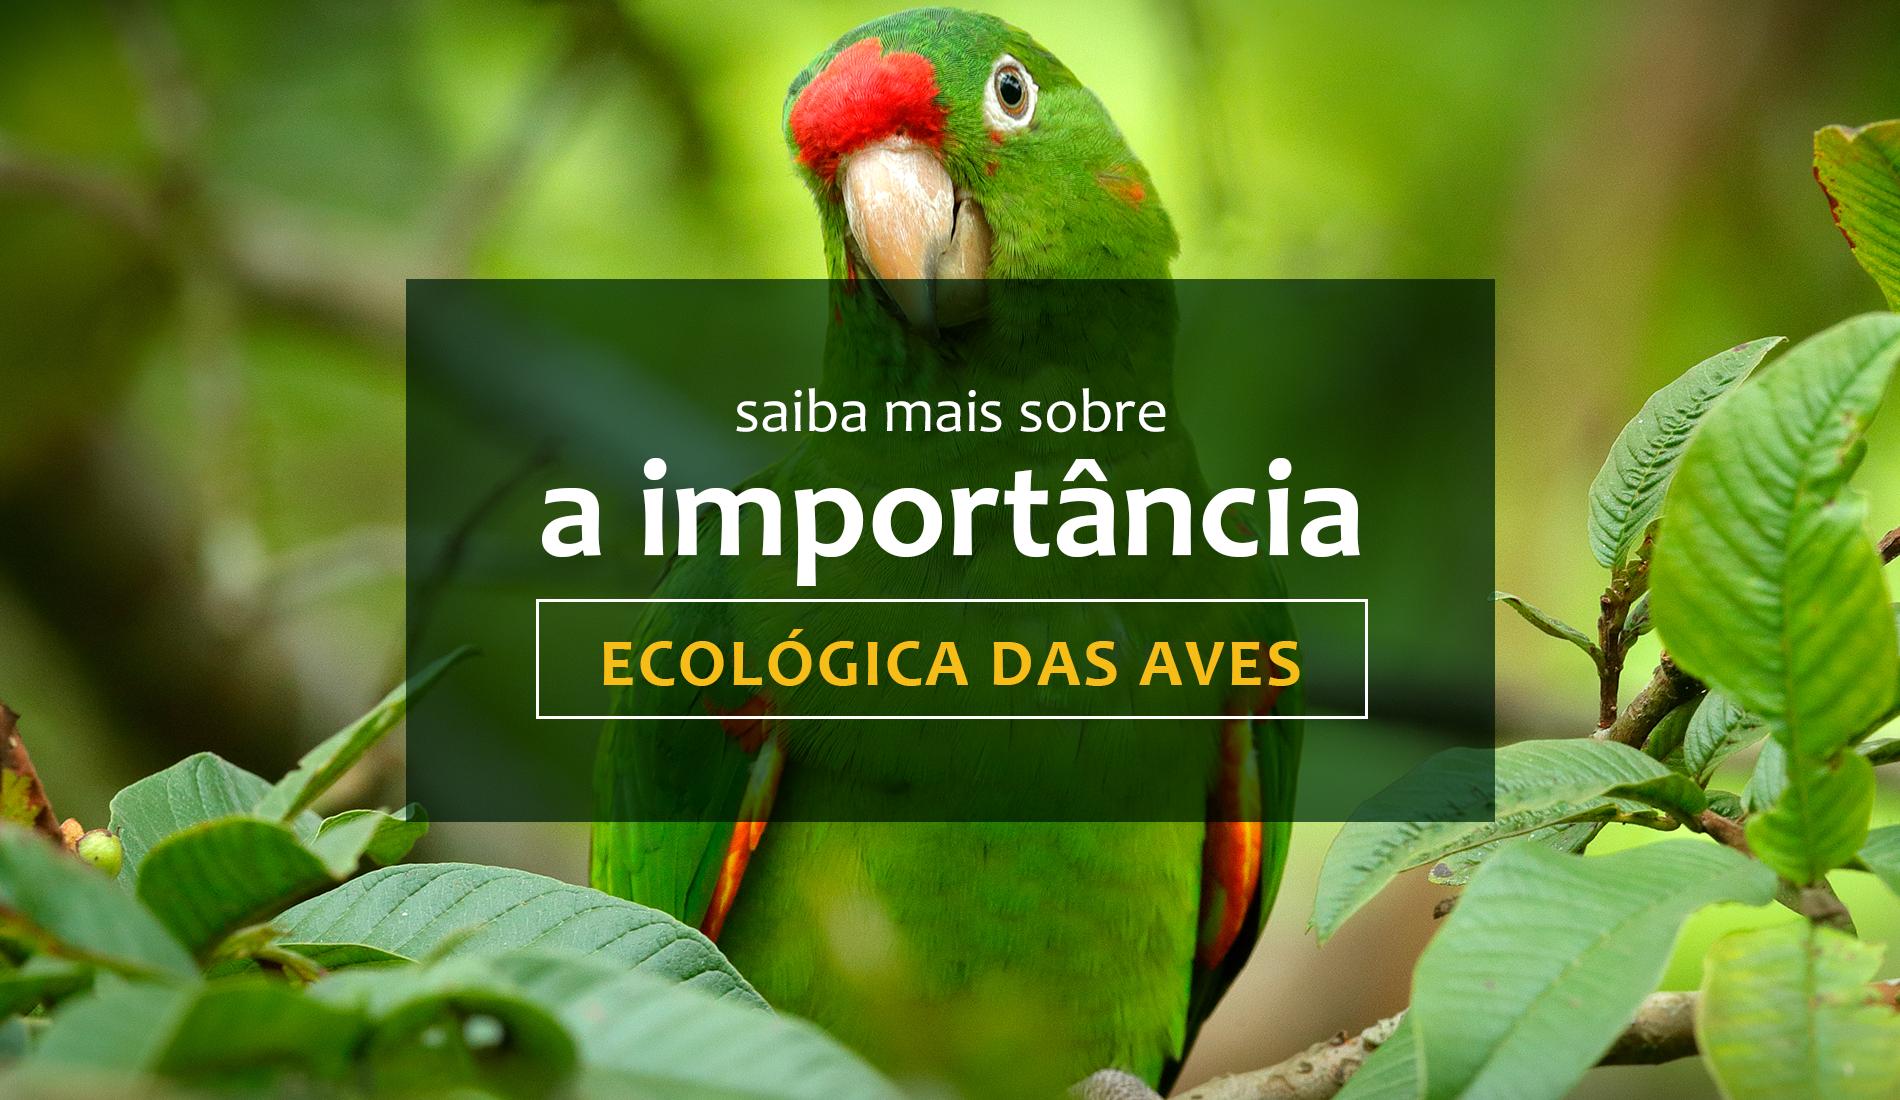 Saiba mais sobre a importância ecológica das aves